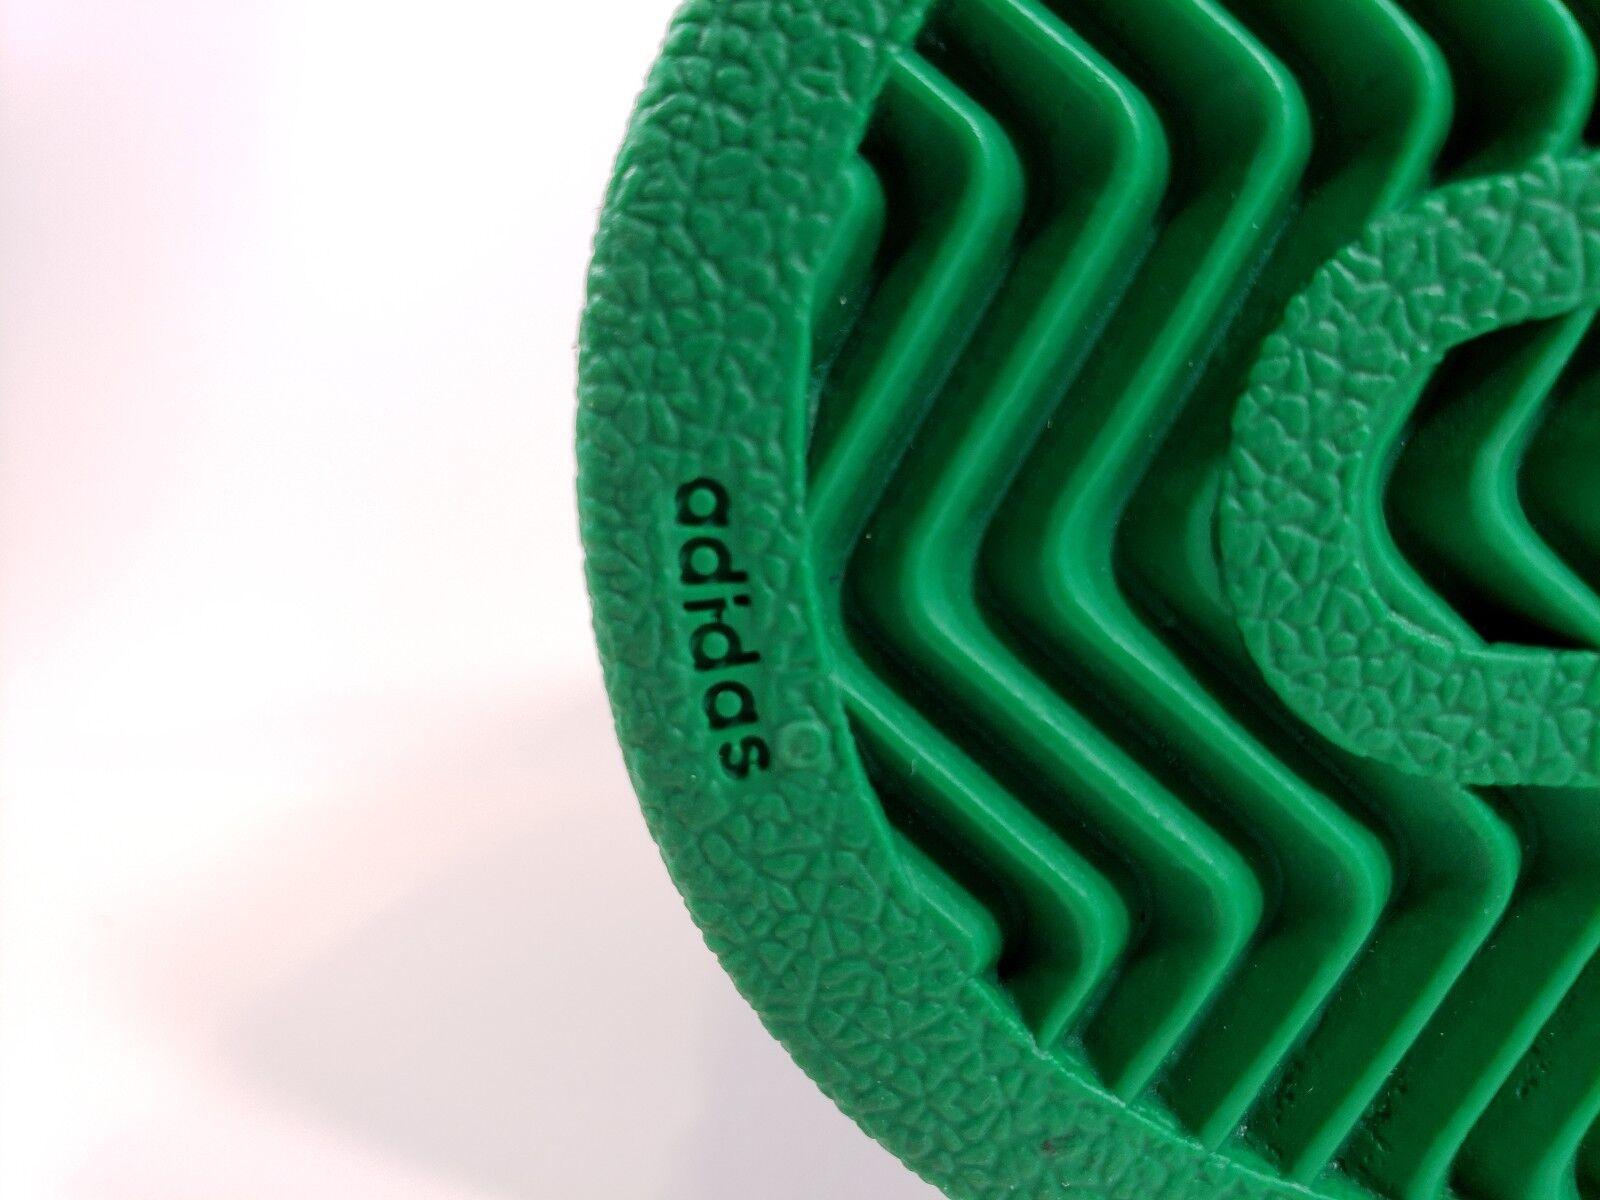 Adidas Original Original Original Superstar 2 II CB Black Shell Mens Sneakers shoes Sz.11 045887 d15abe